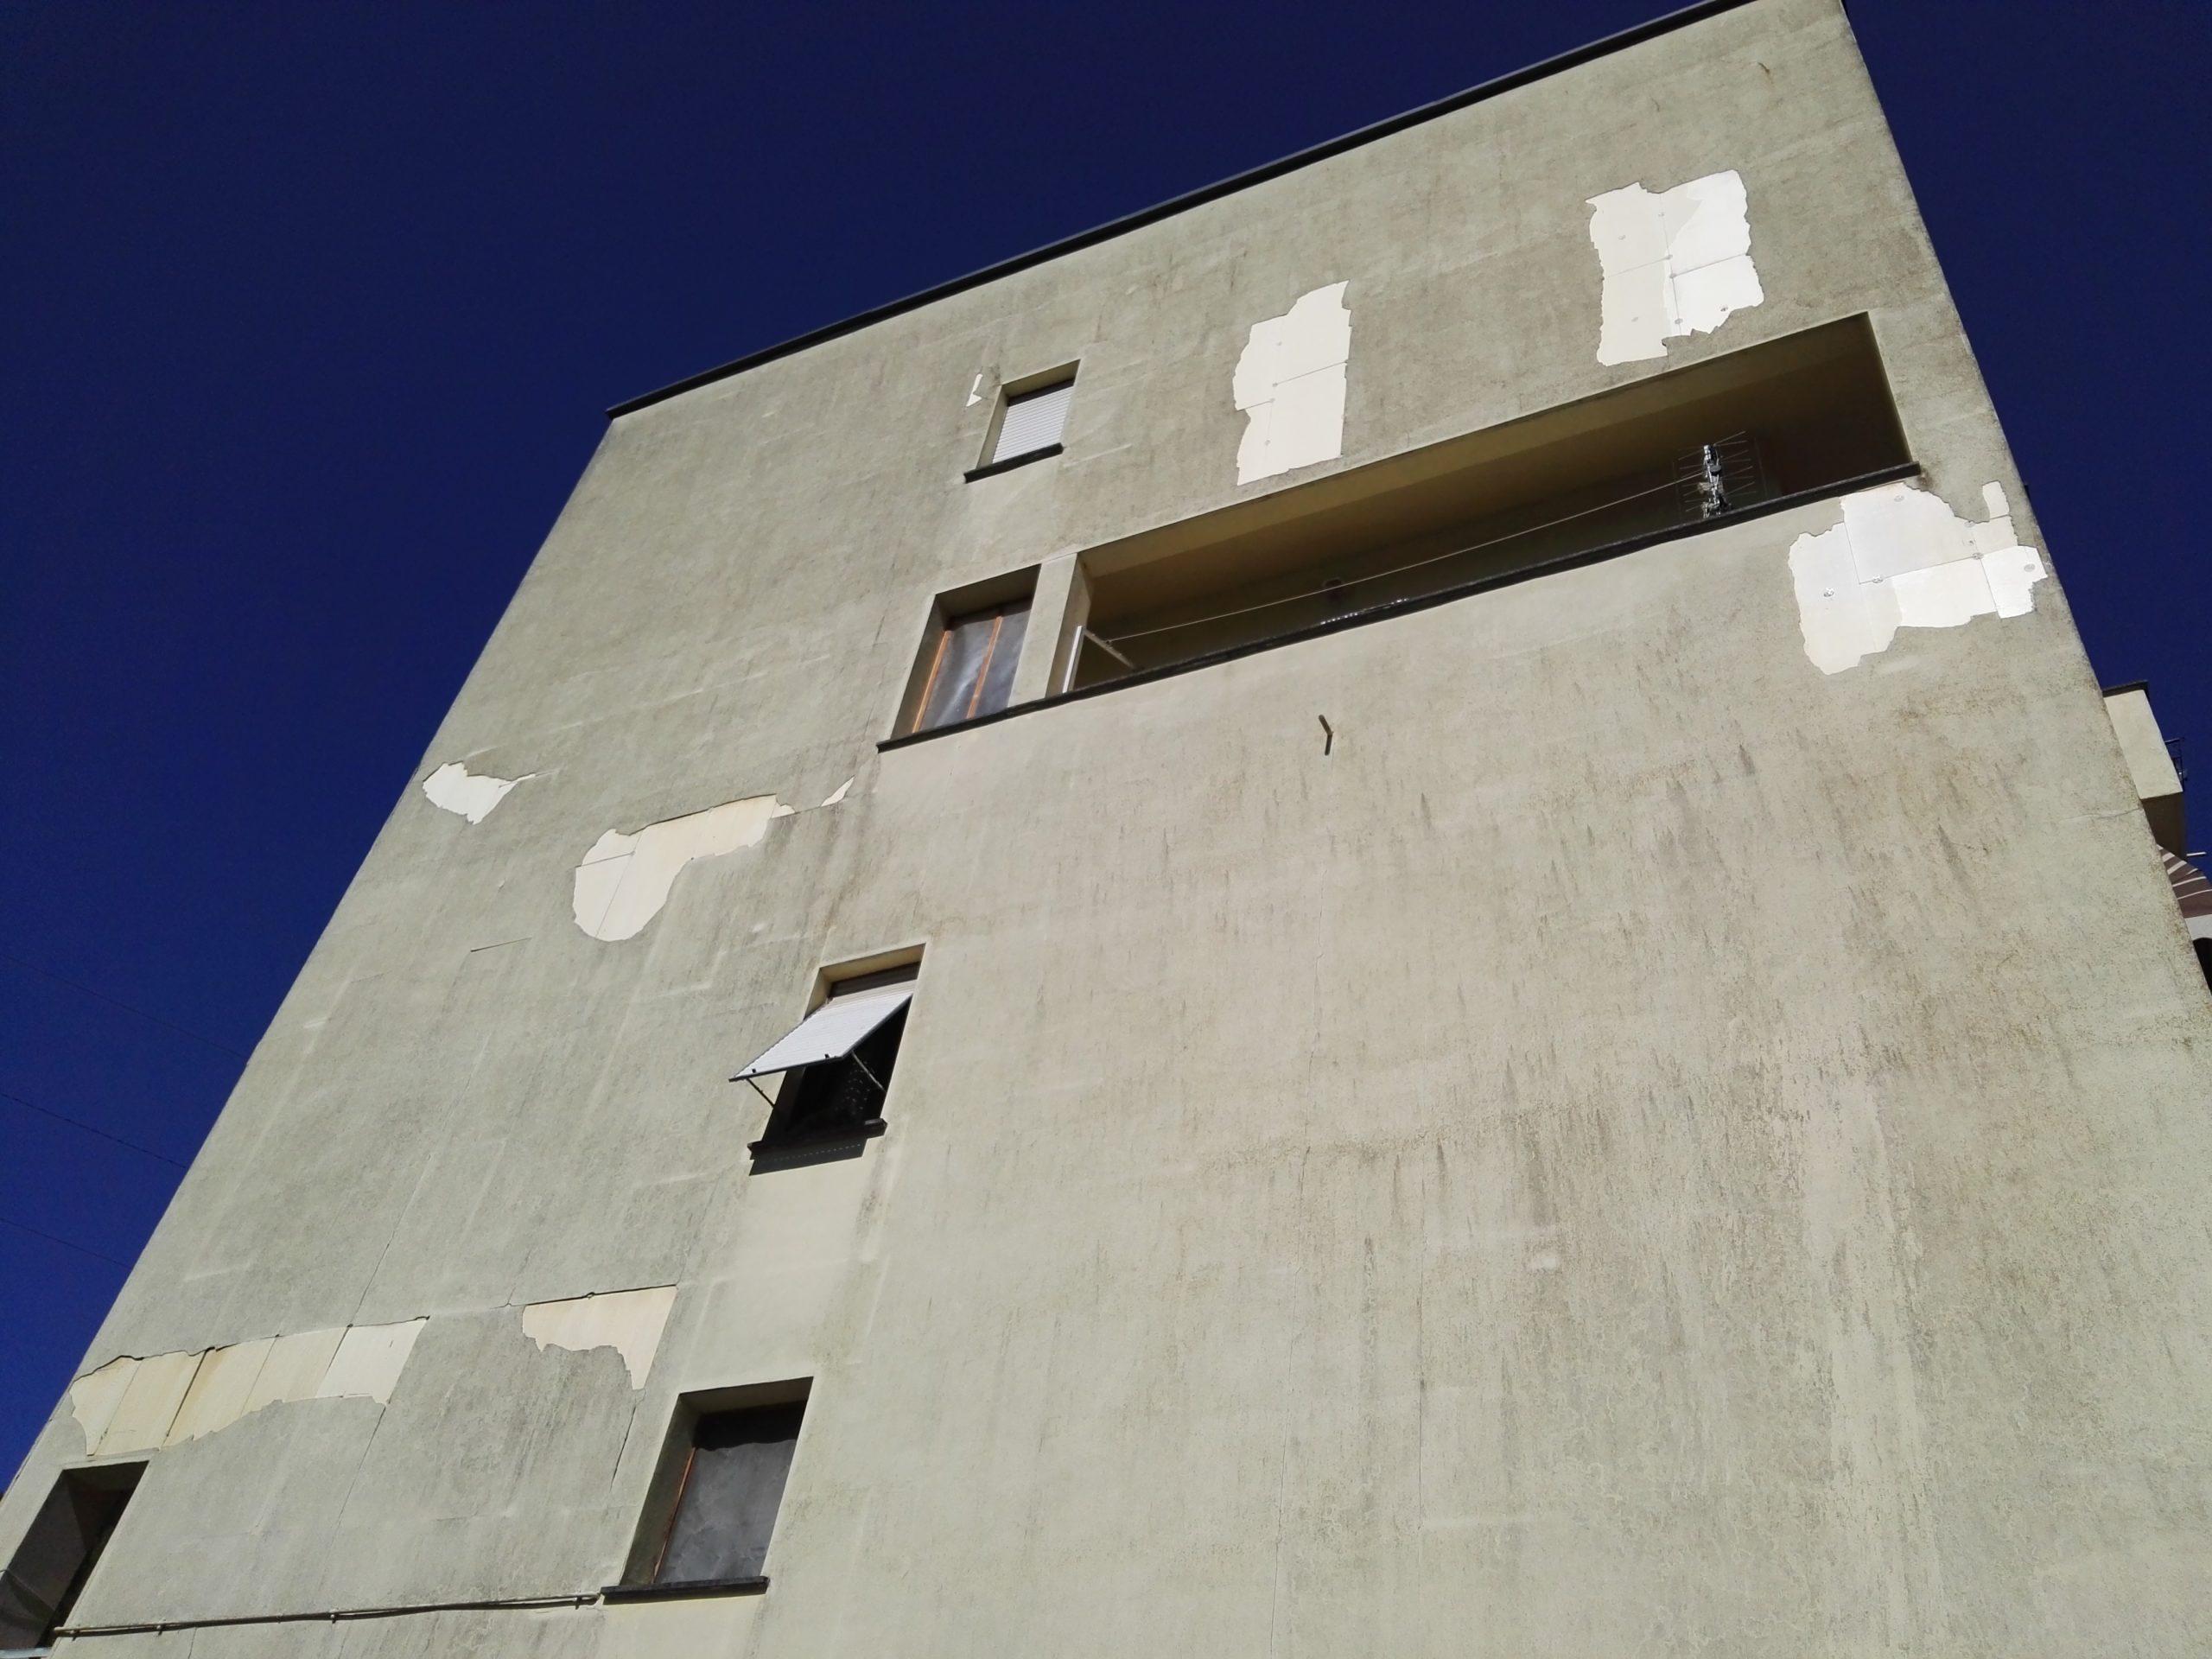 Messa in sicurezza parete sud del condominio Villa Verde, 02100 Rieti